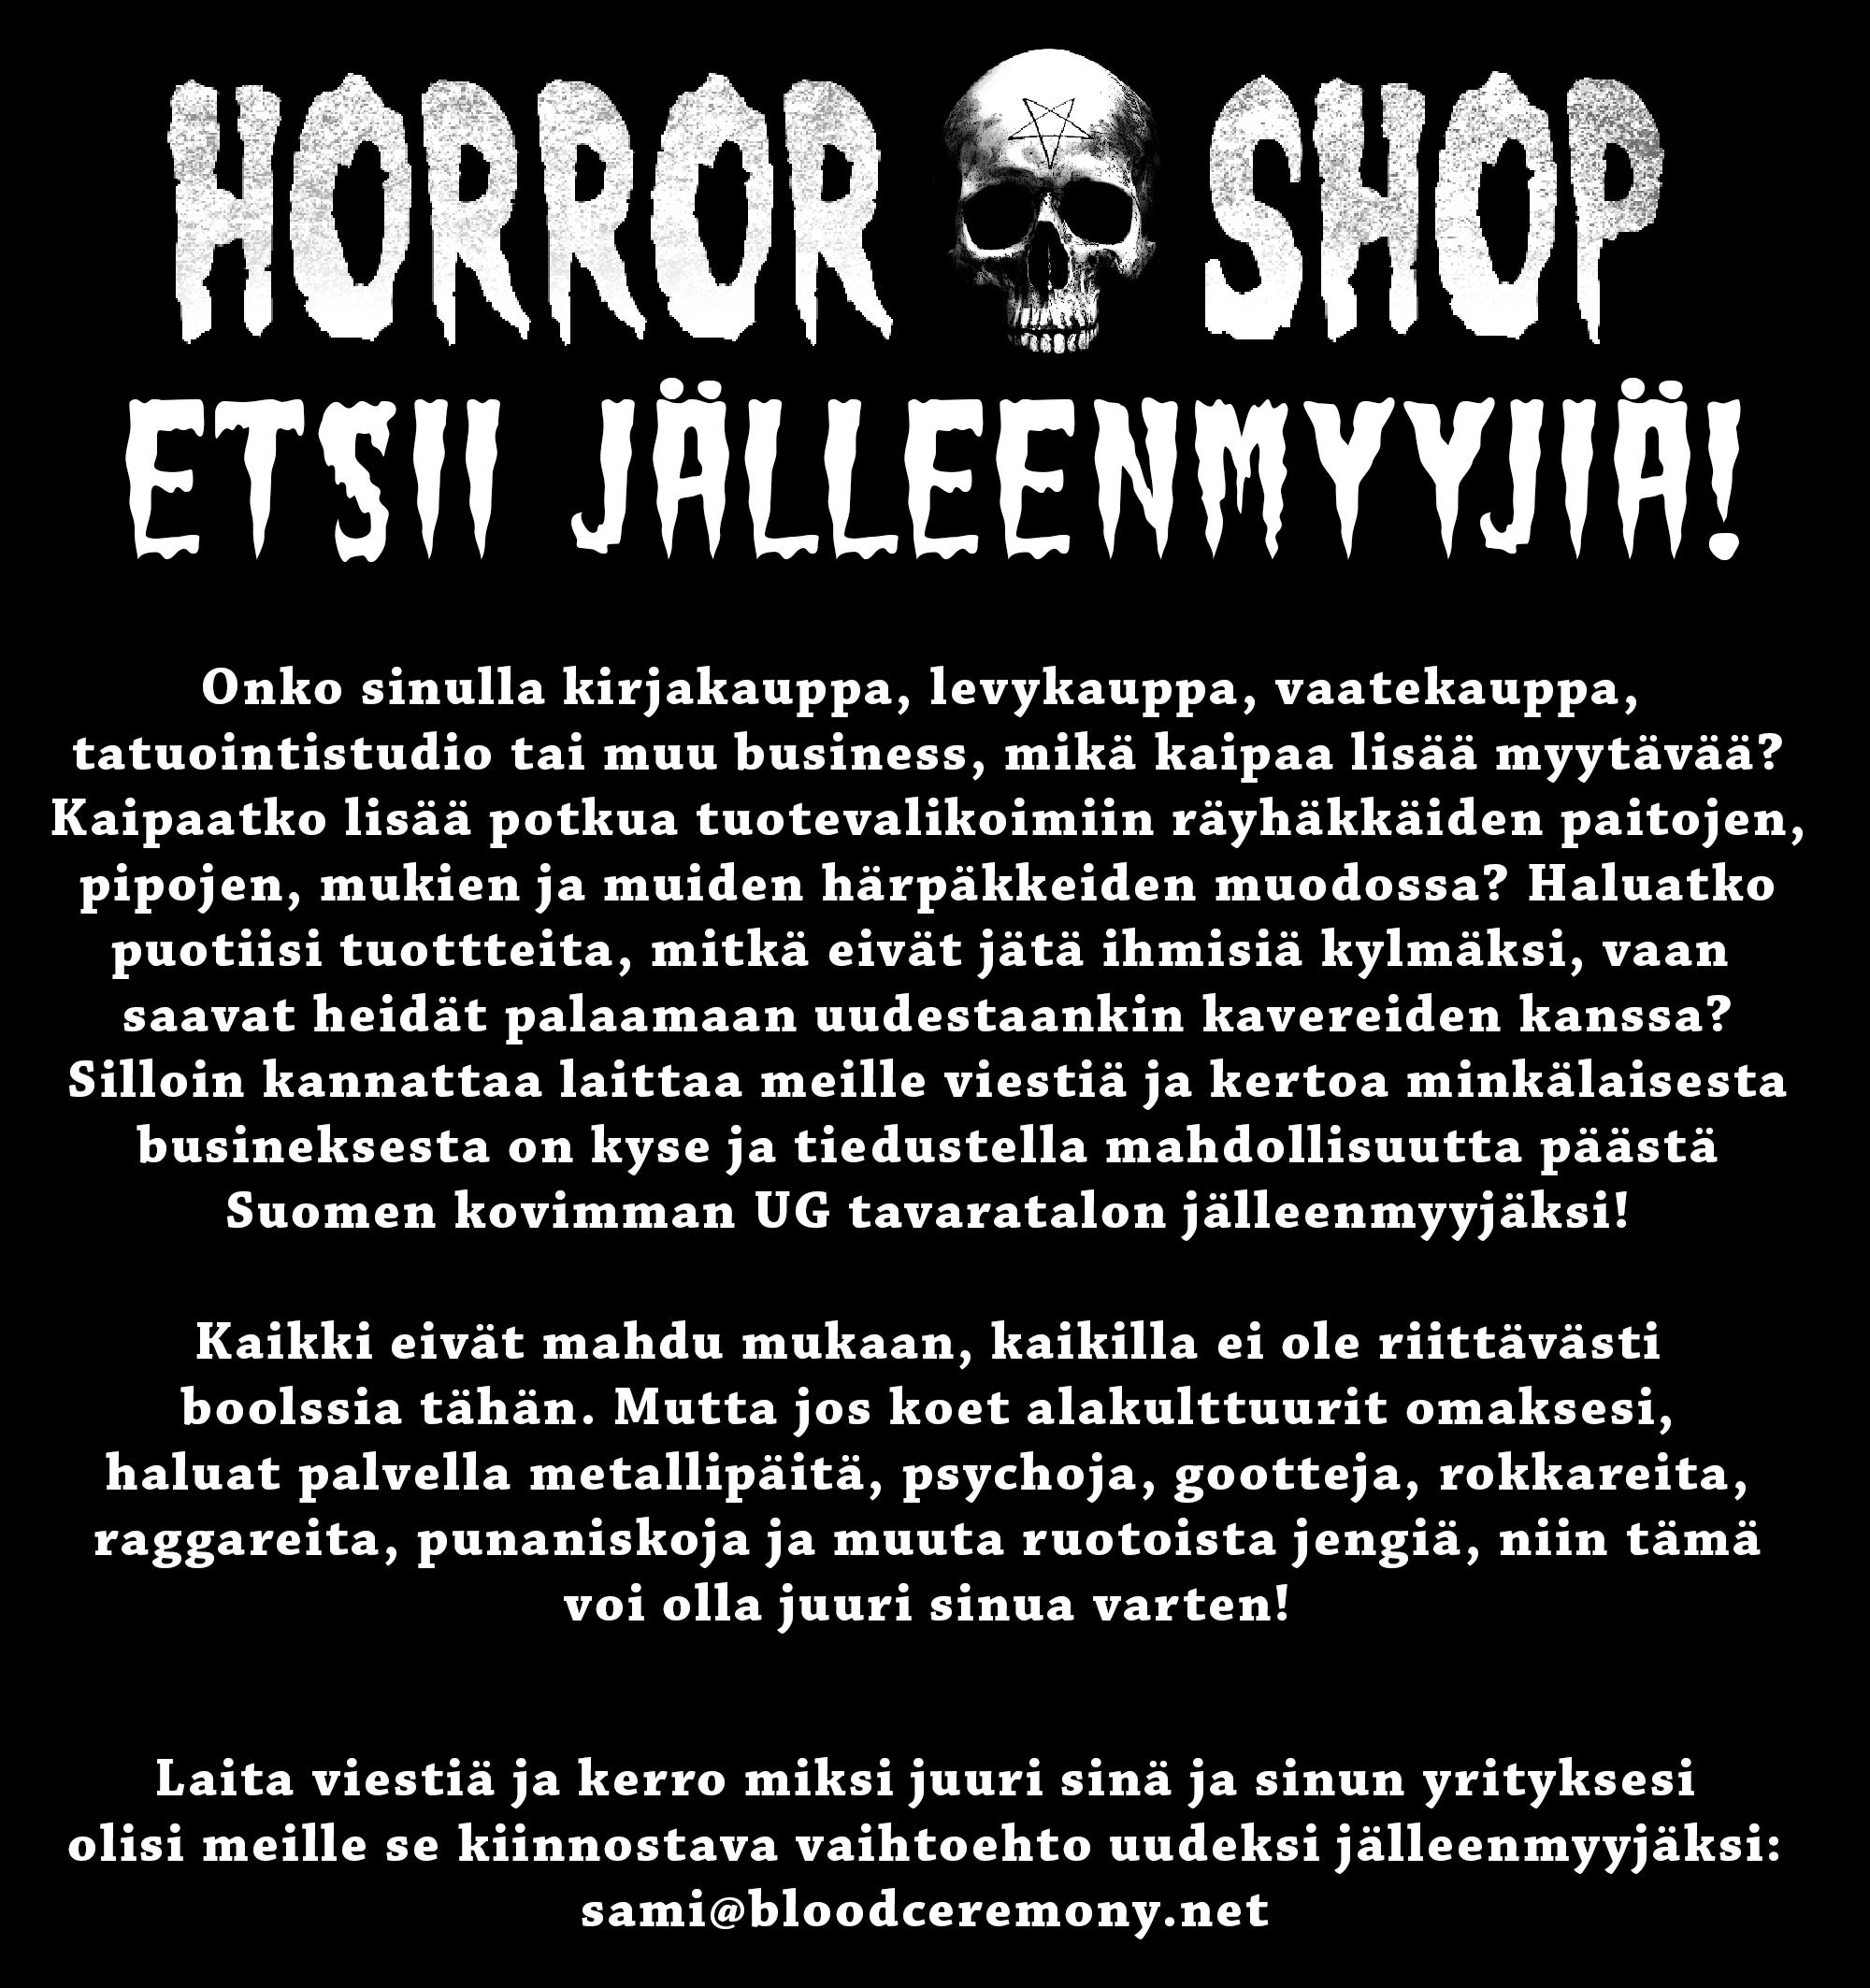 HORROR-SHOP ETSII JÄLLEENMYYJIÄ